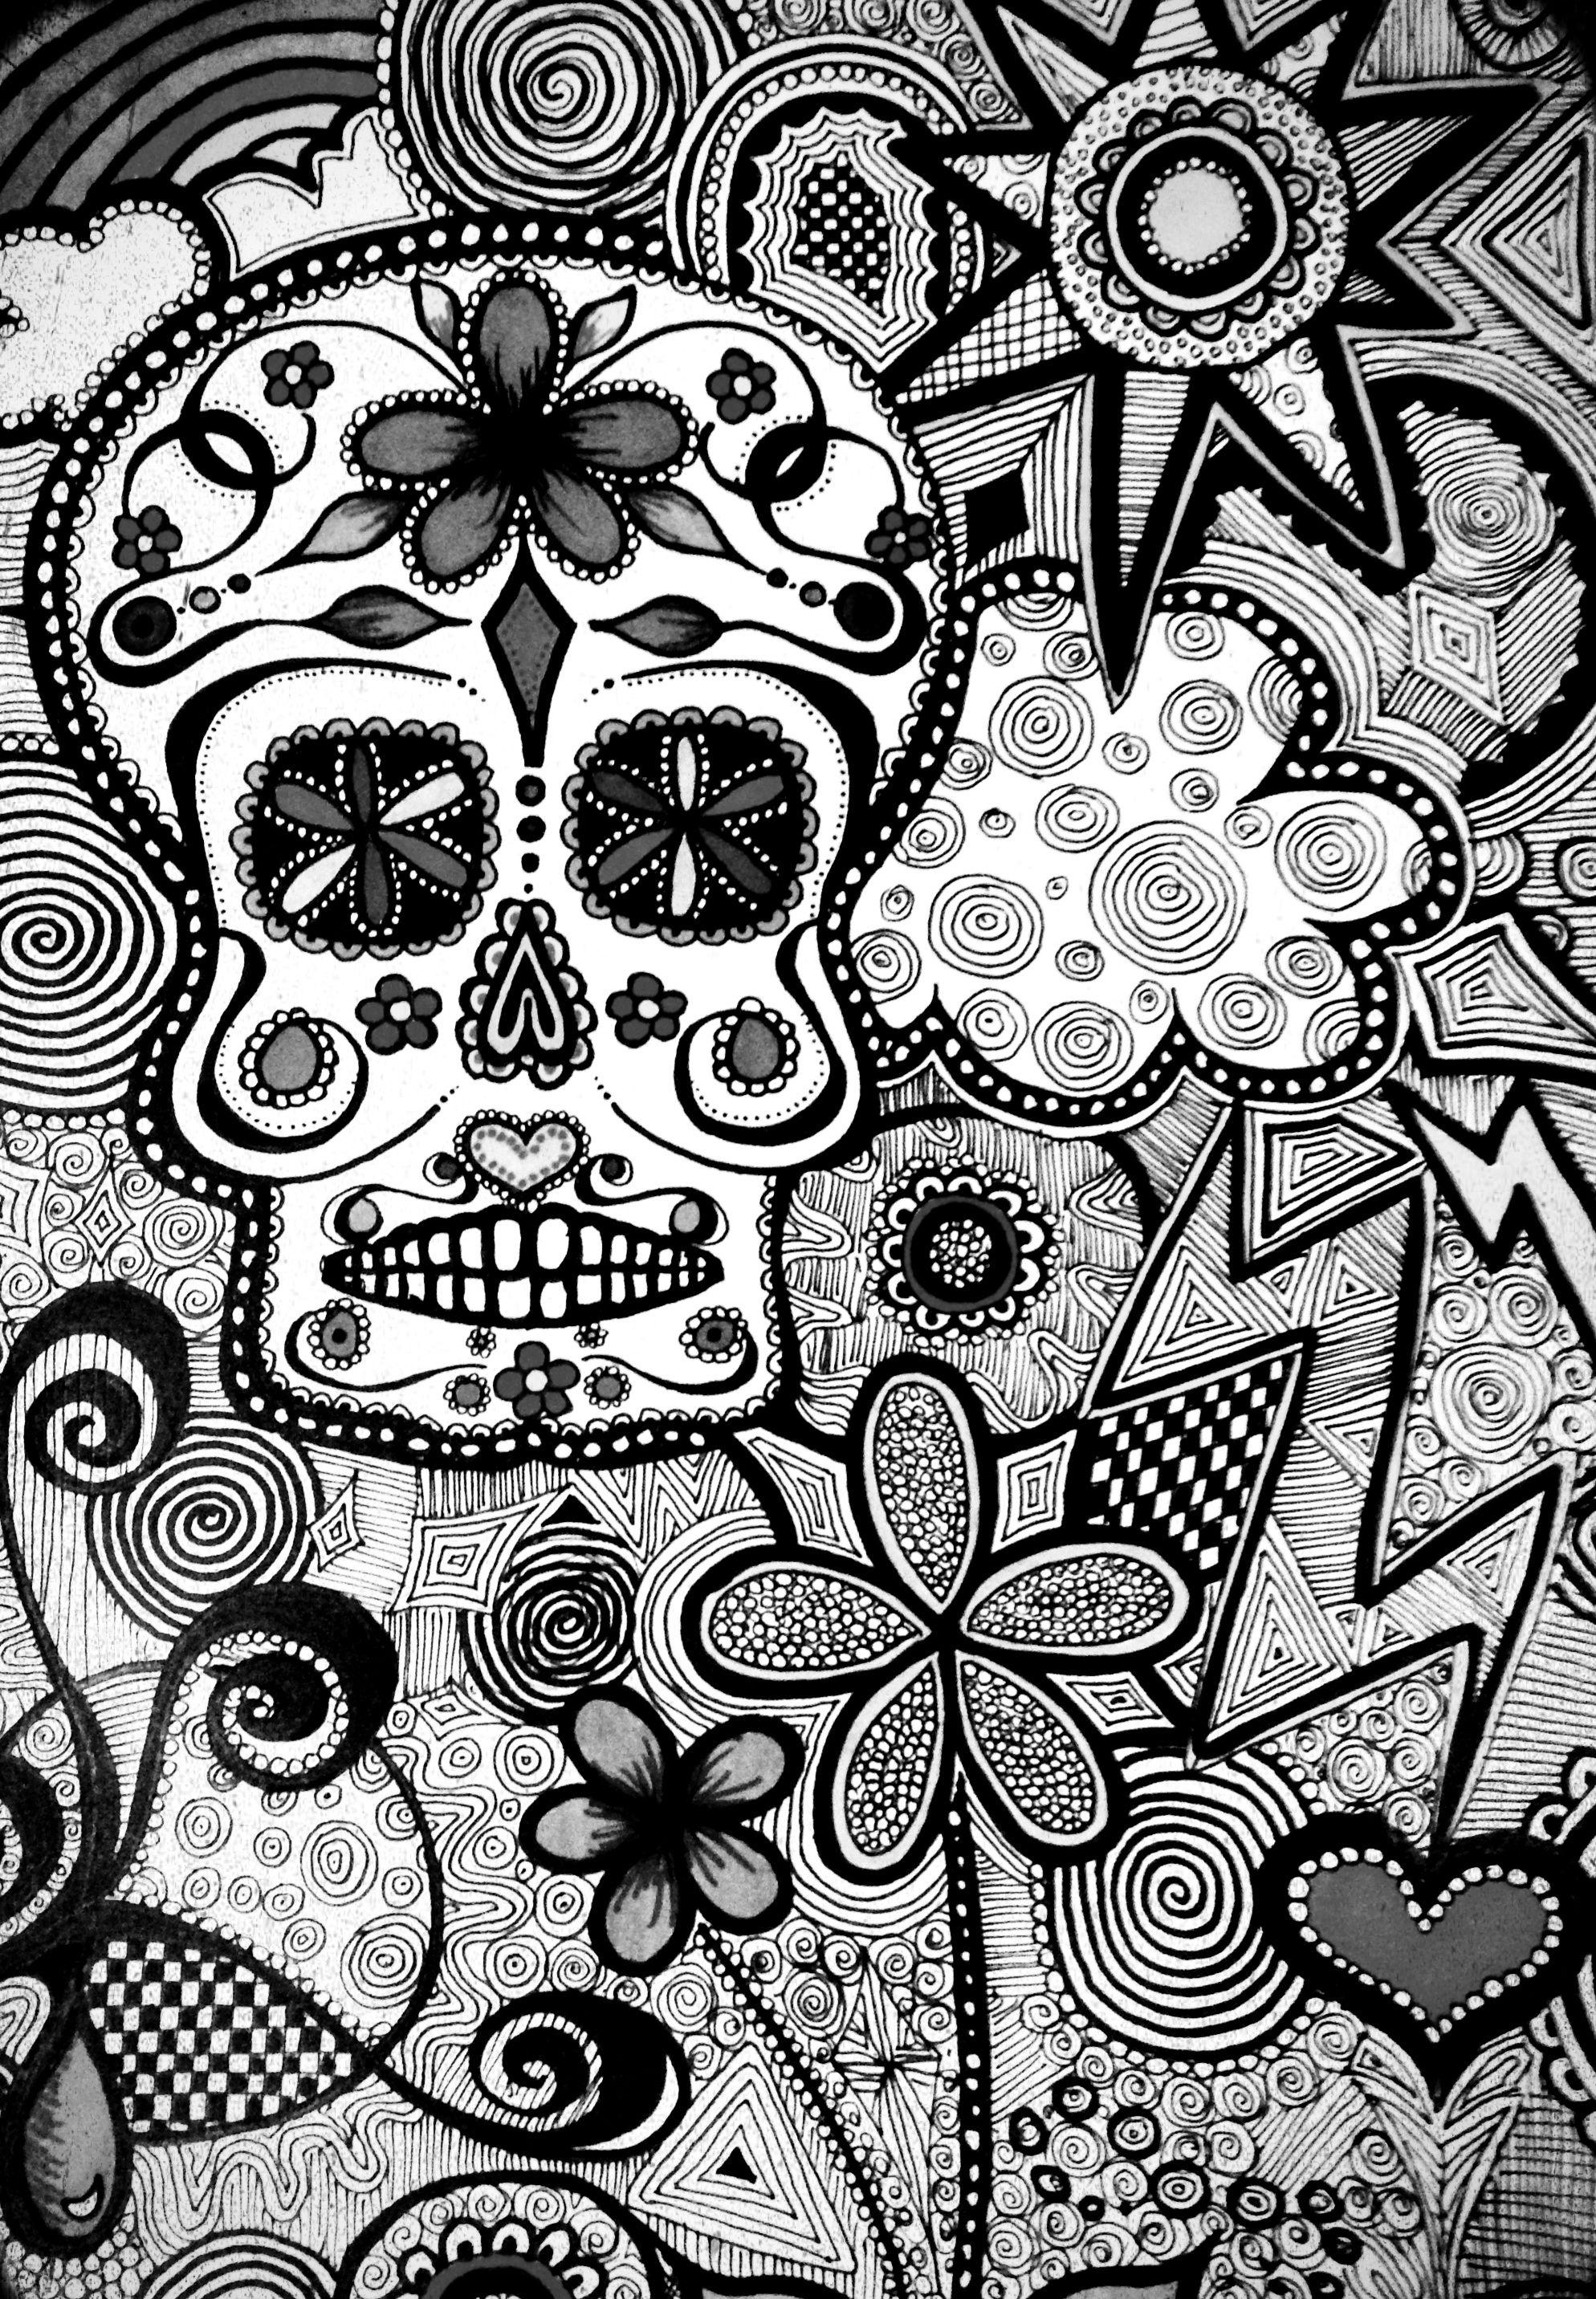 Black And White Candy Skull Wallpaper C Kc Skull Sketch Skull